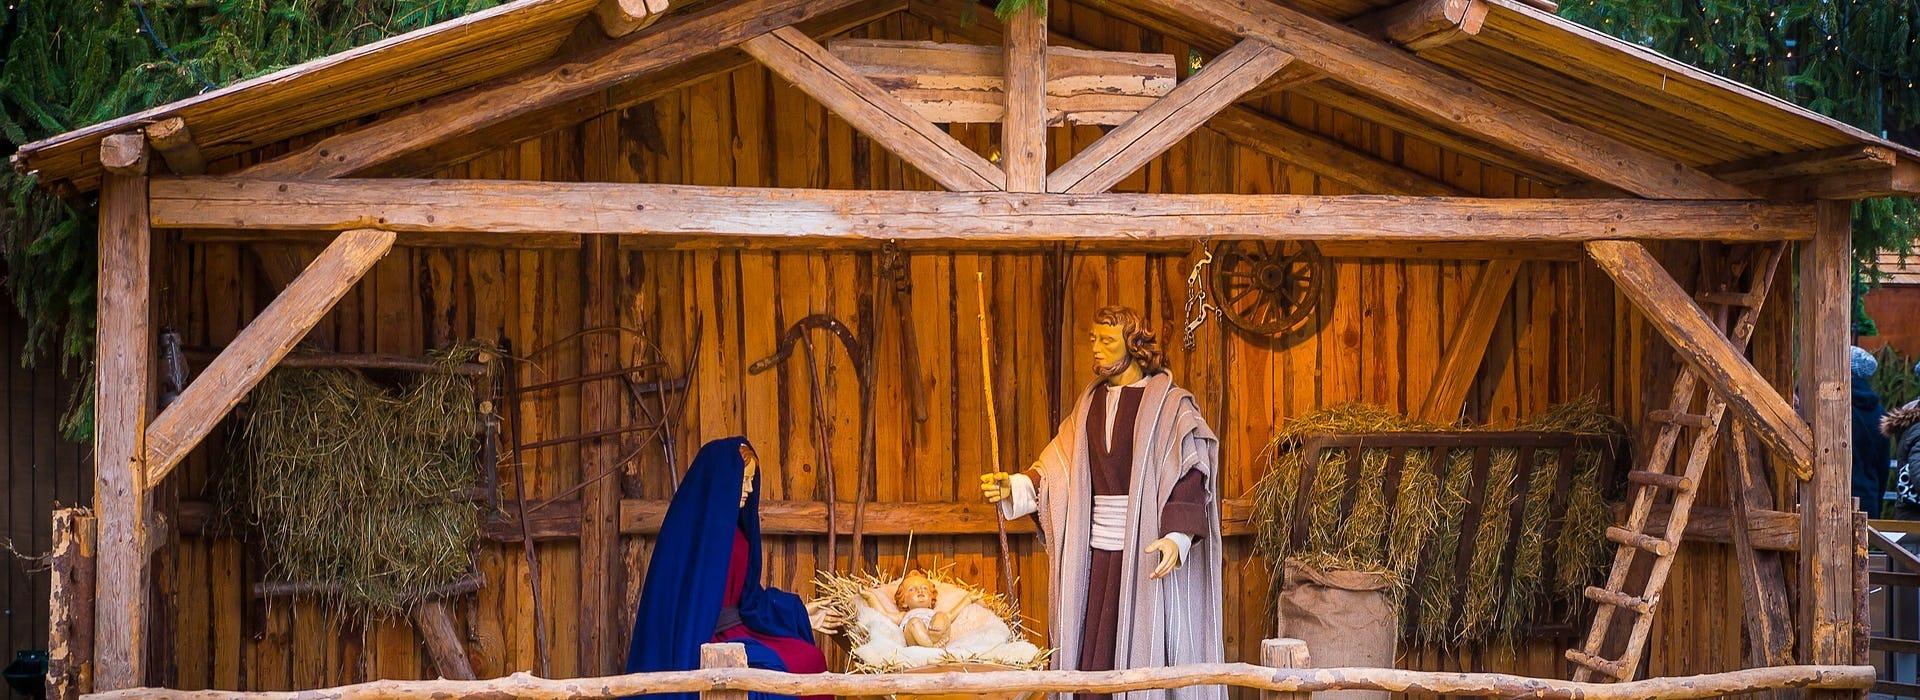 Krippe Ravensburger Weihnacht Ramsauer Carreisen